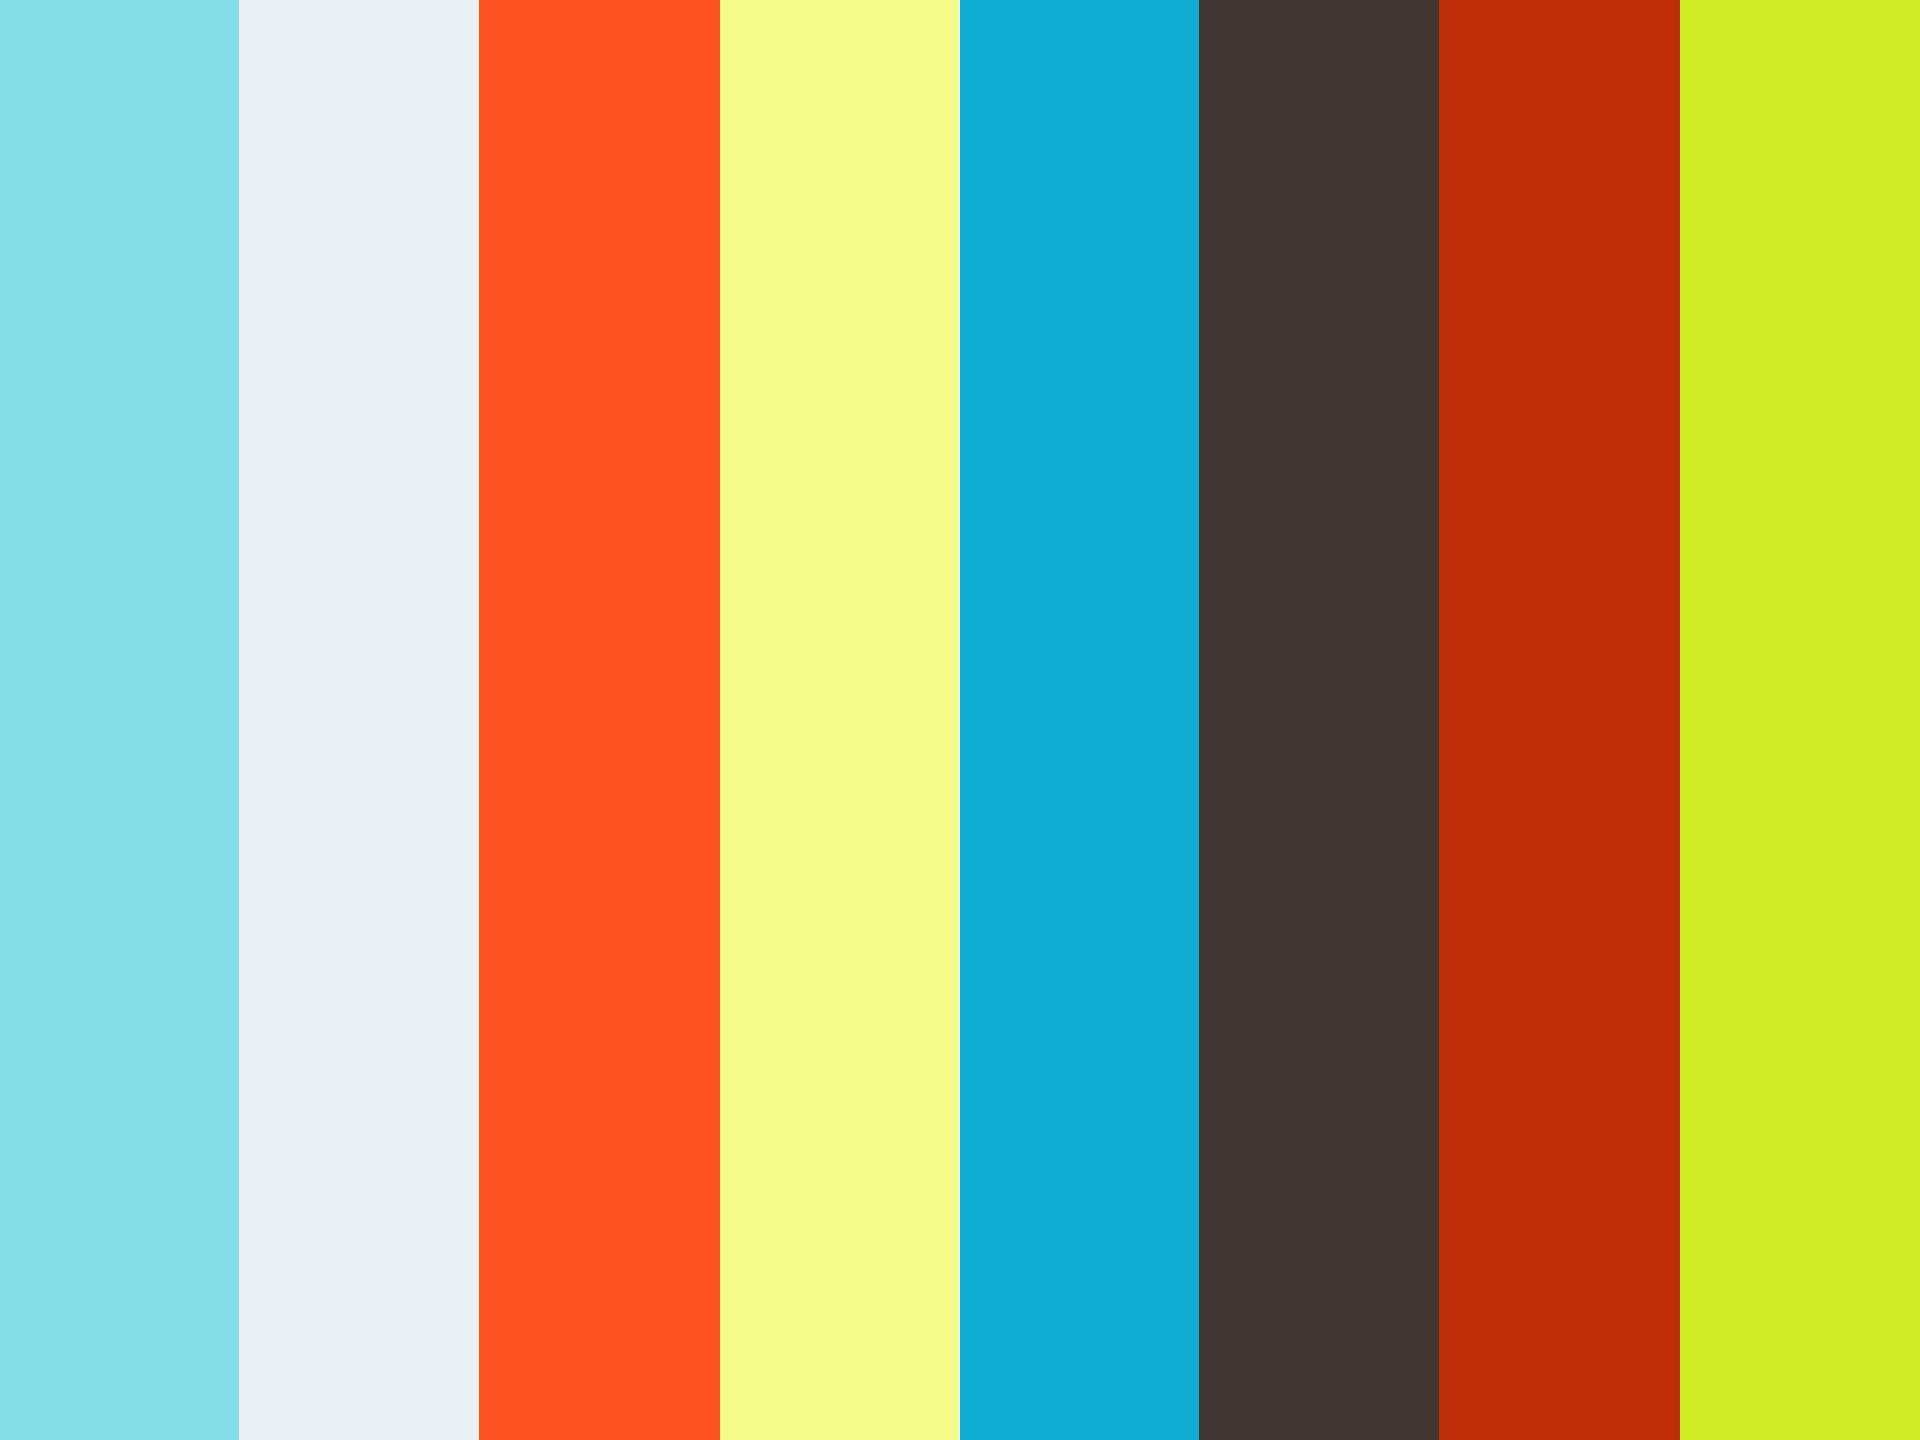 The Egret/2x1/Walkthrough